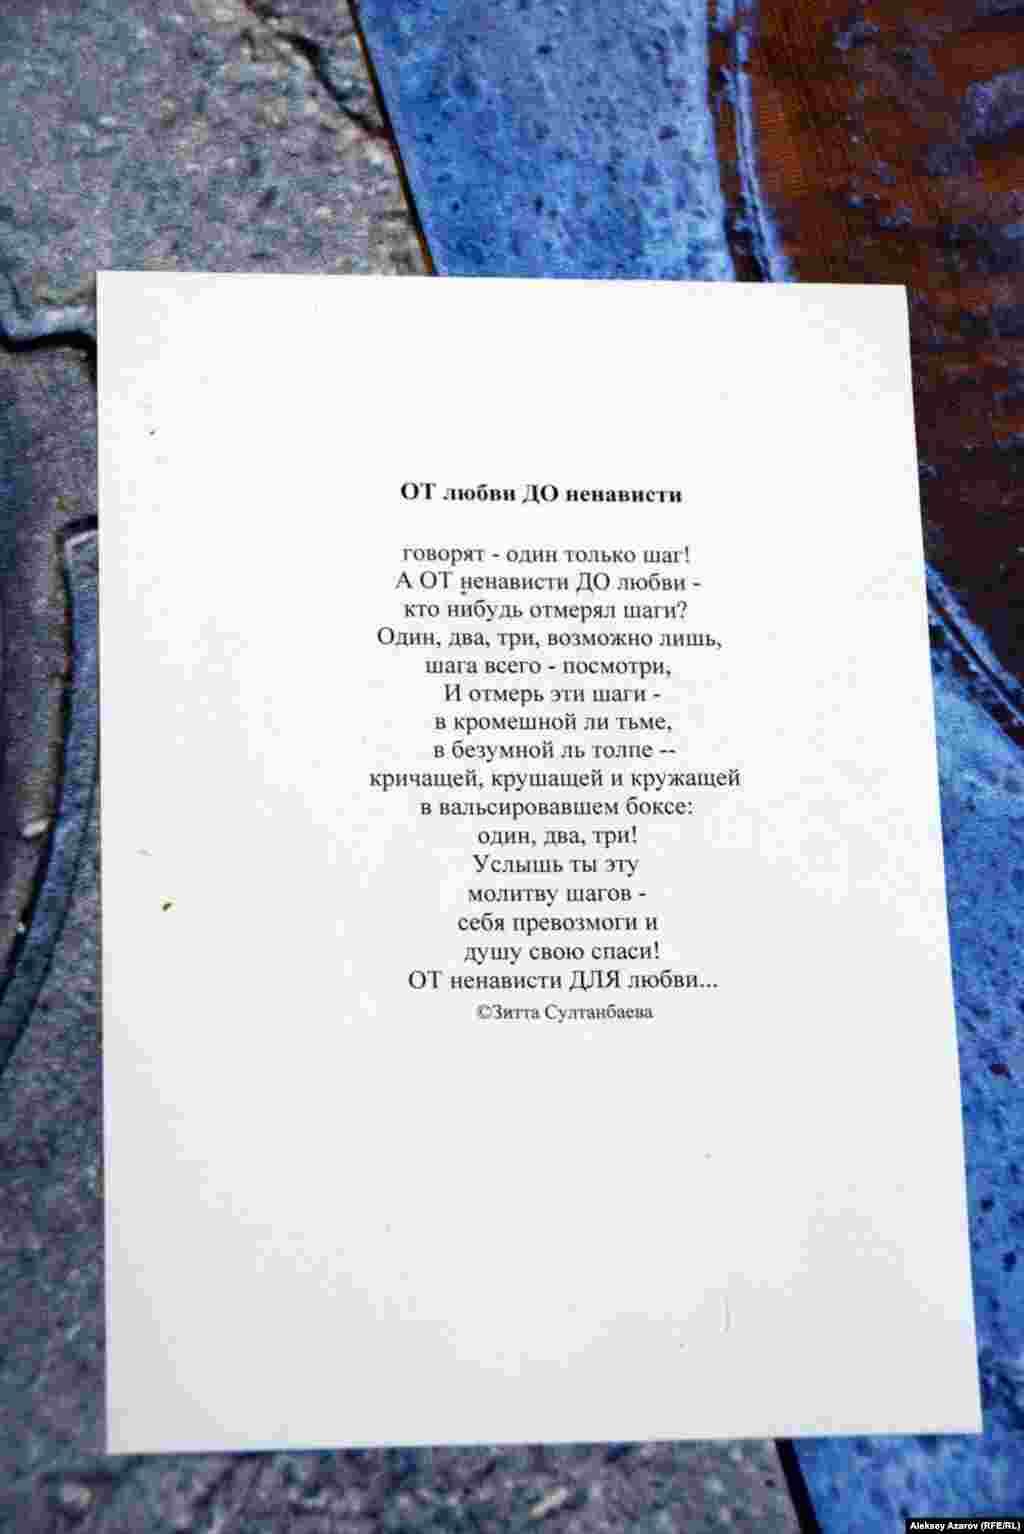 Зитта Сұлтанбаева шығарған өлеңдердің мәтіні жазылған парақ